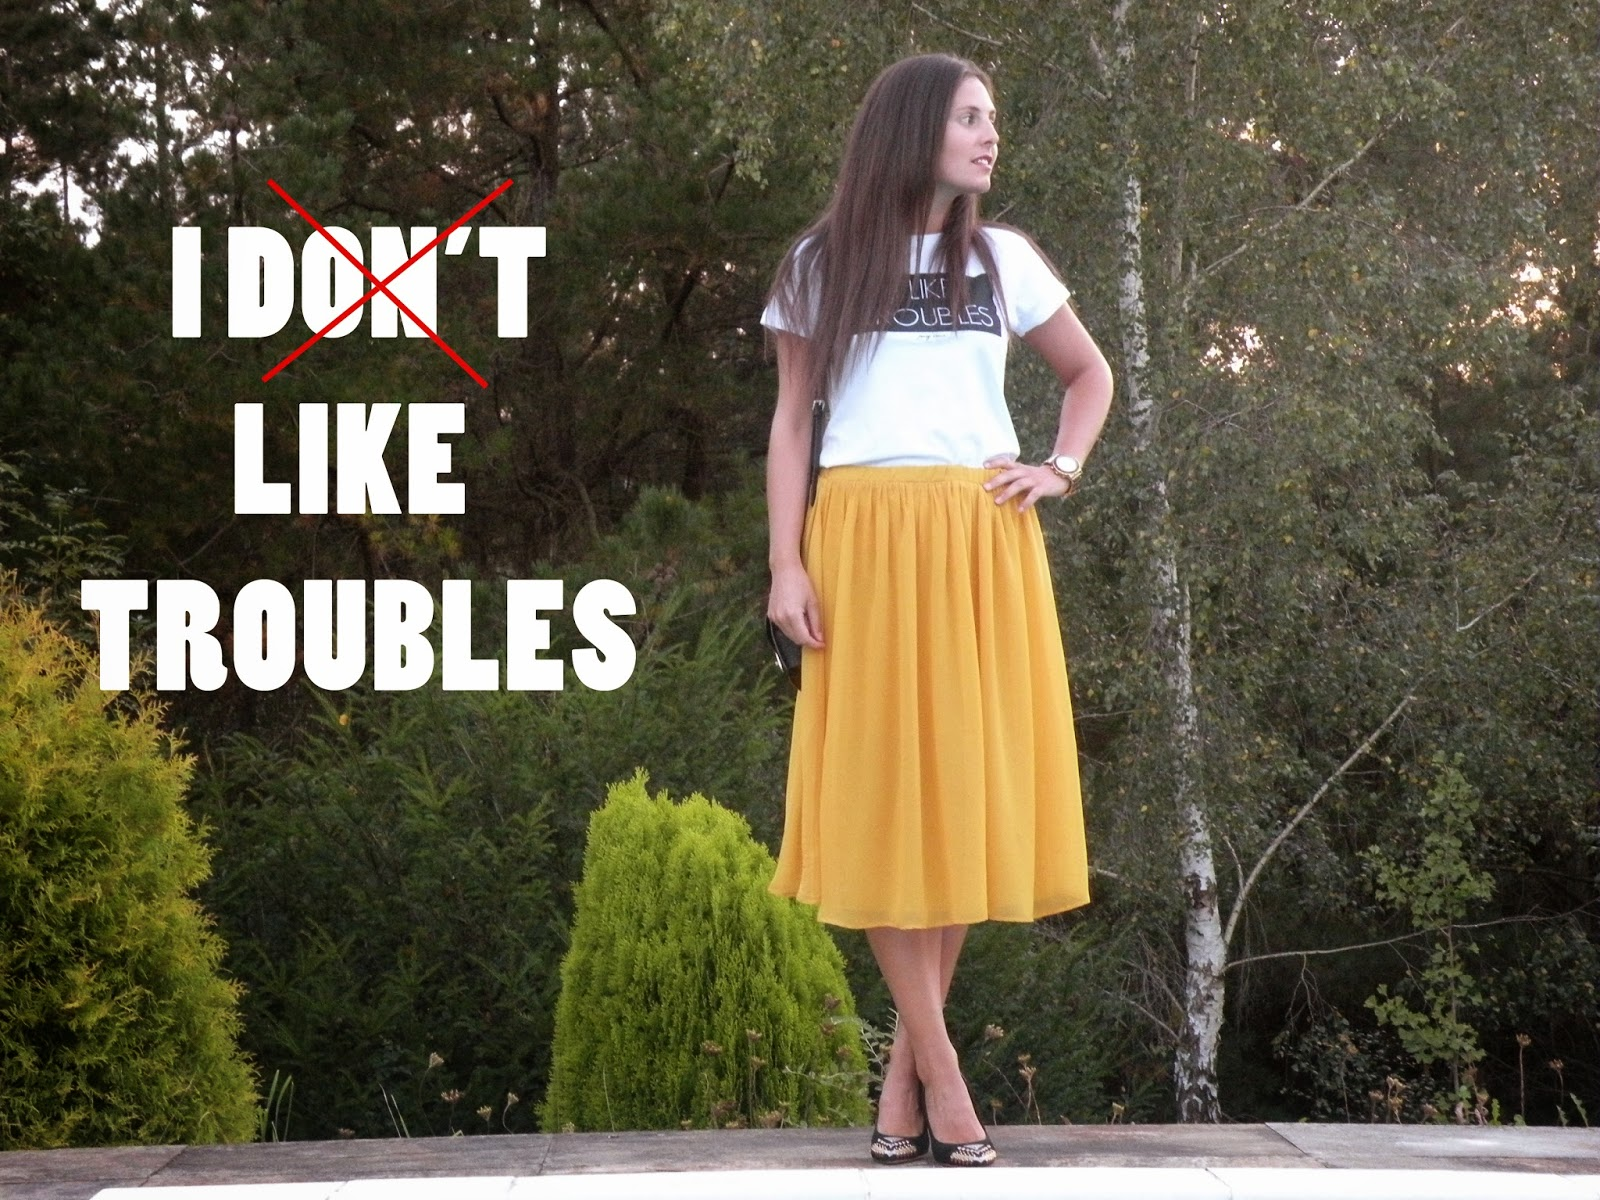 I like troubles